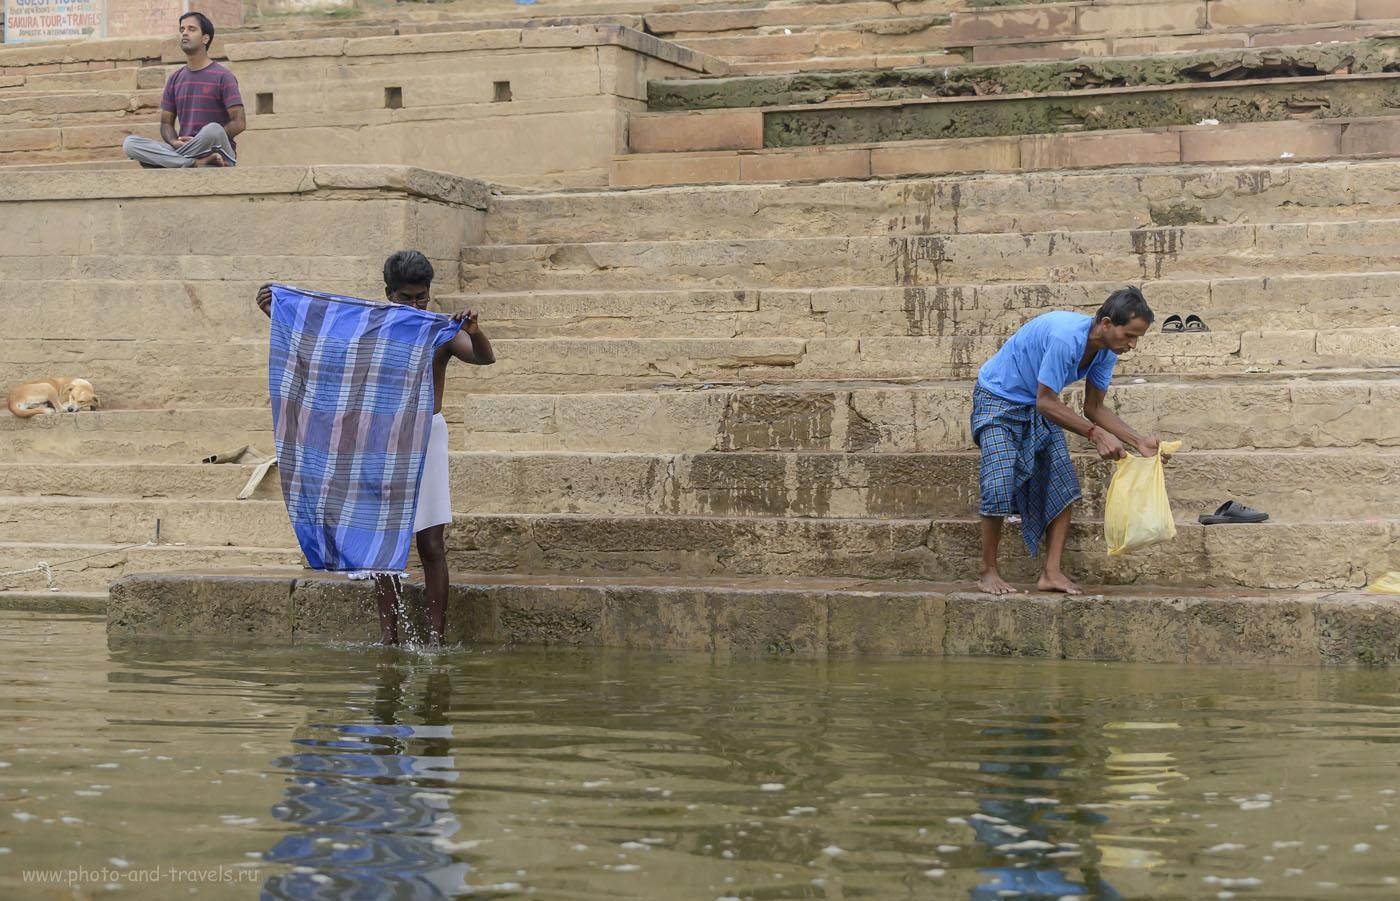 Фотография 22. Купание и стирка на гхатах в Варанаси. Отзыв о самостоятельном туре в Индию. 1/400, 4.5, 1250, 70.